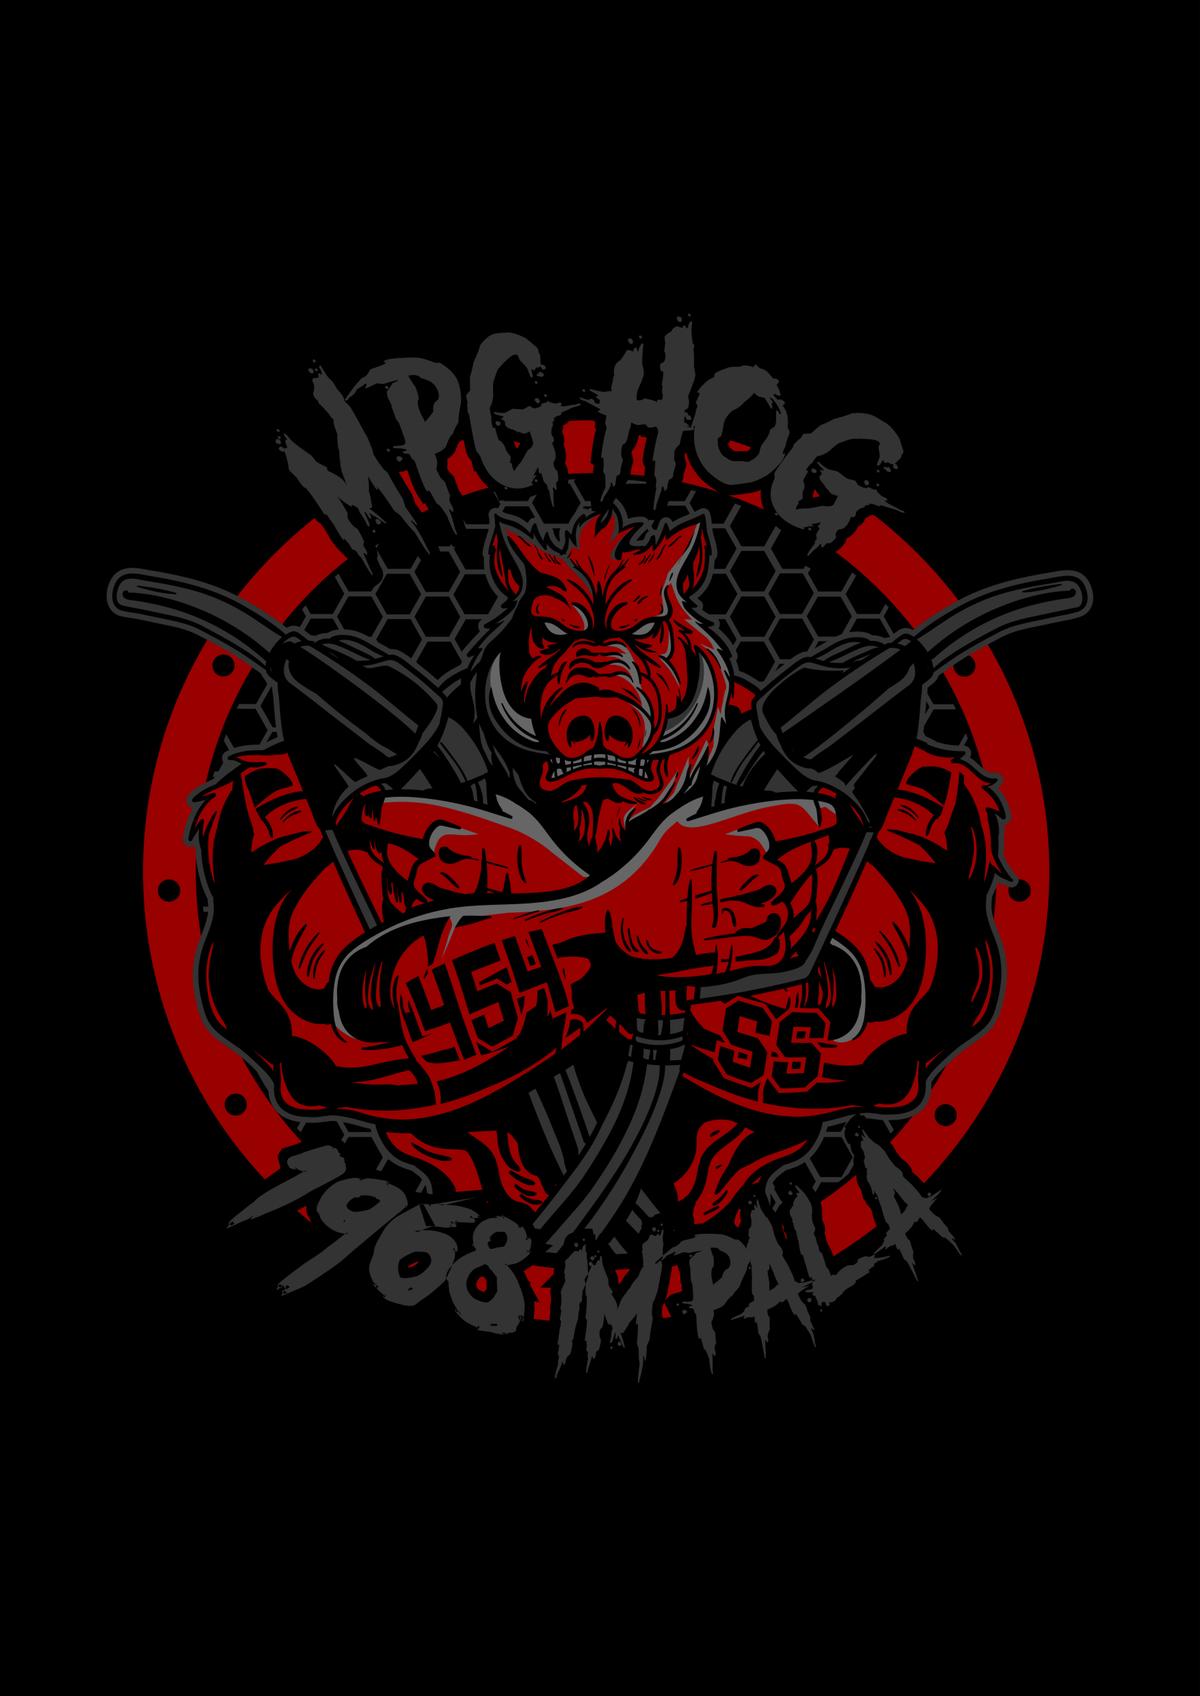 MPG HOG Tattoo and car hood decal